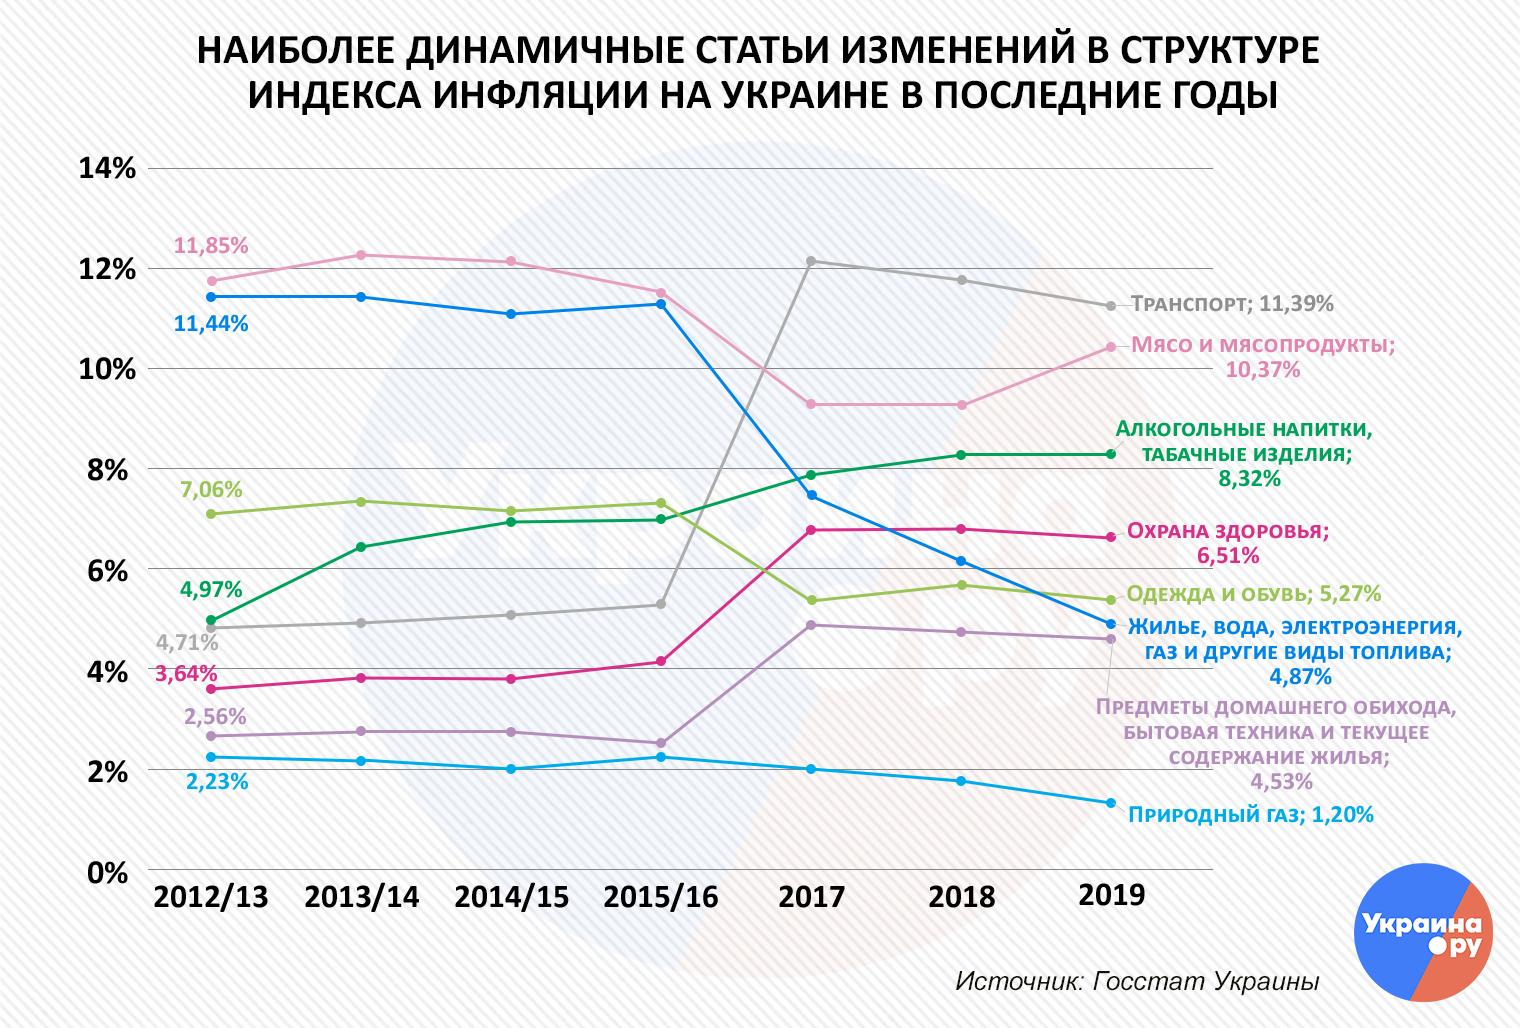 Мошенники из украинского Госстата. На что граждане тратят свою зарплату